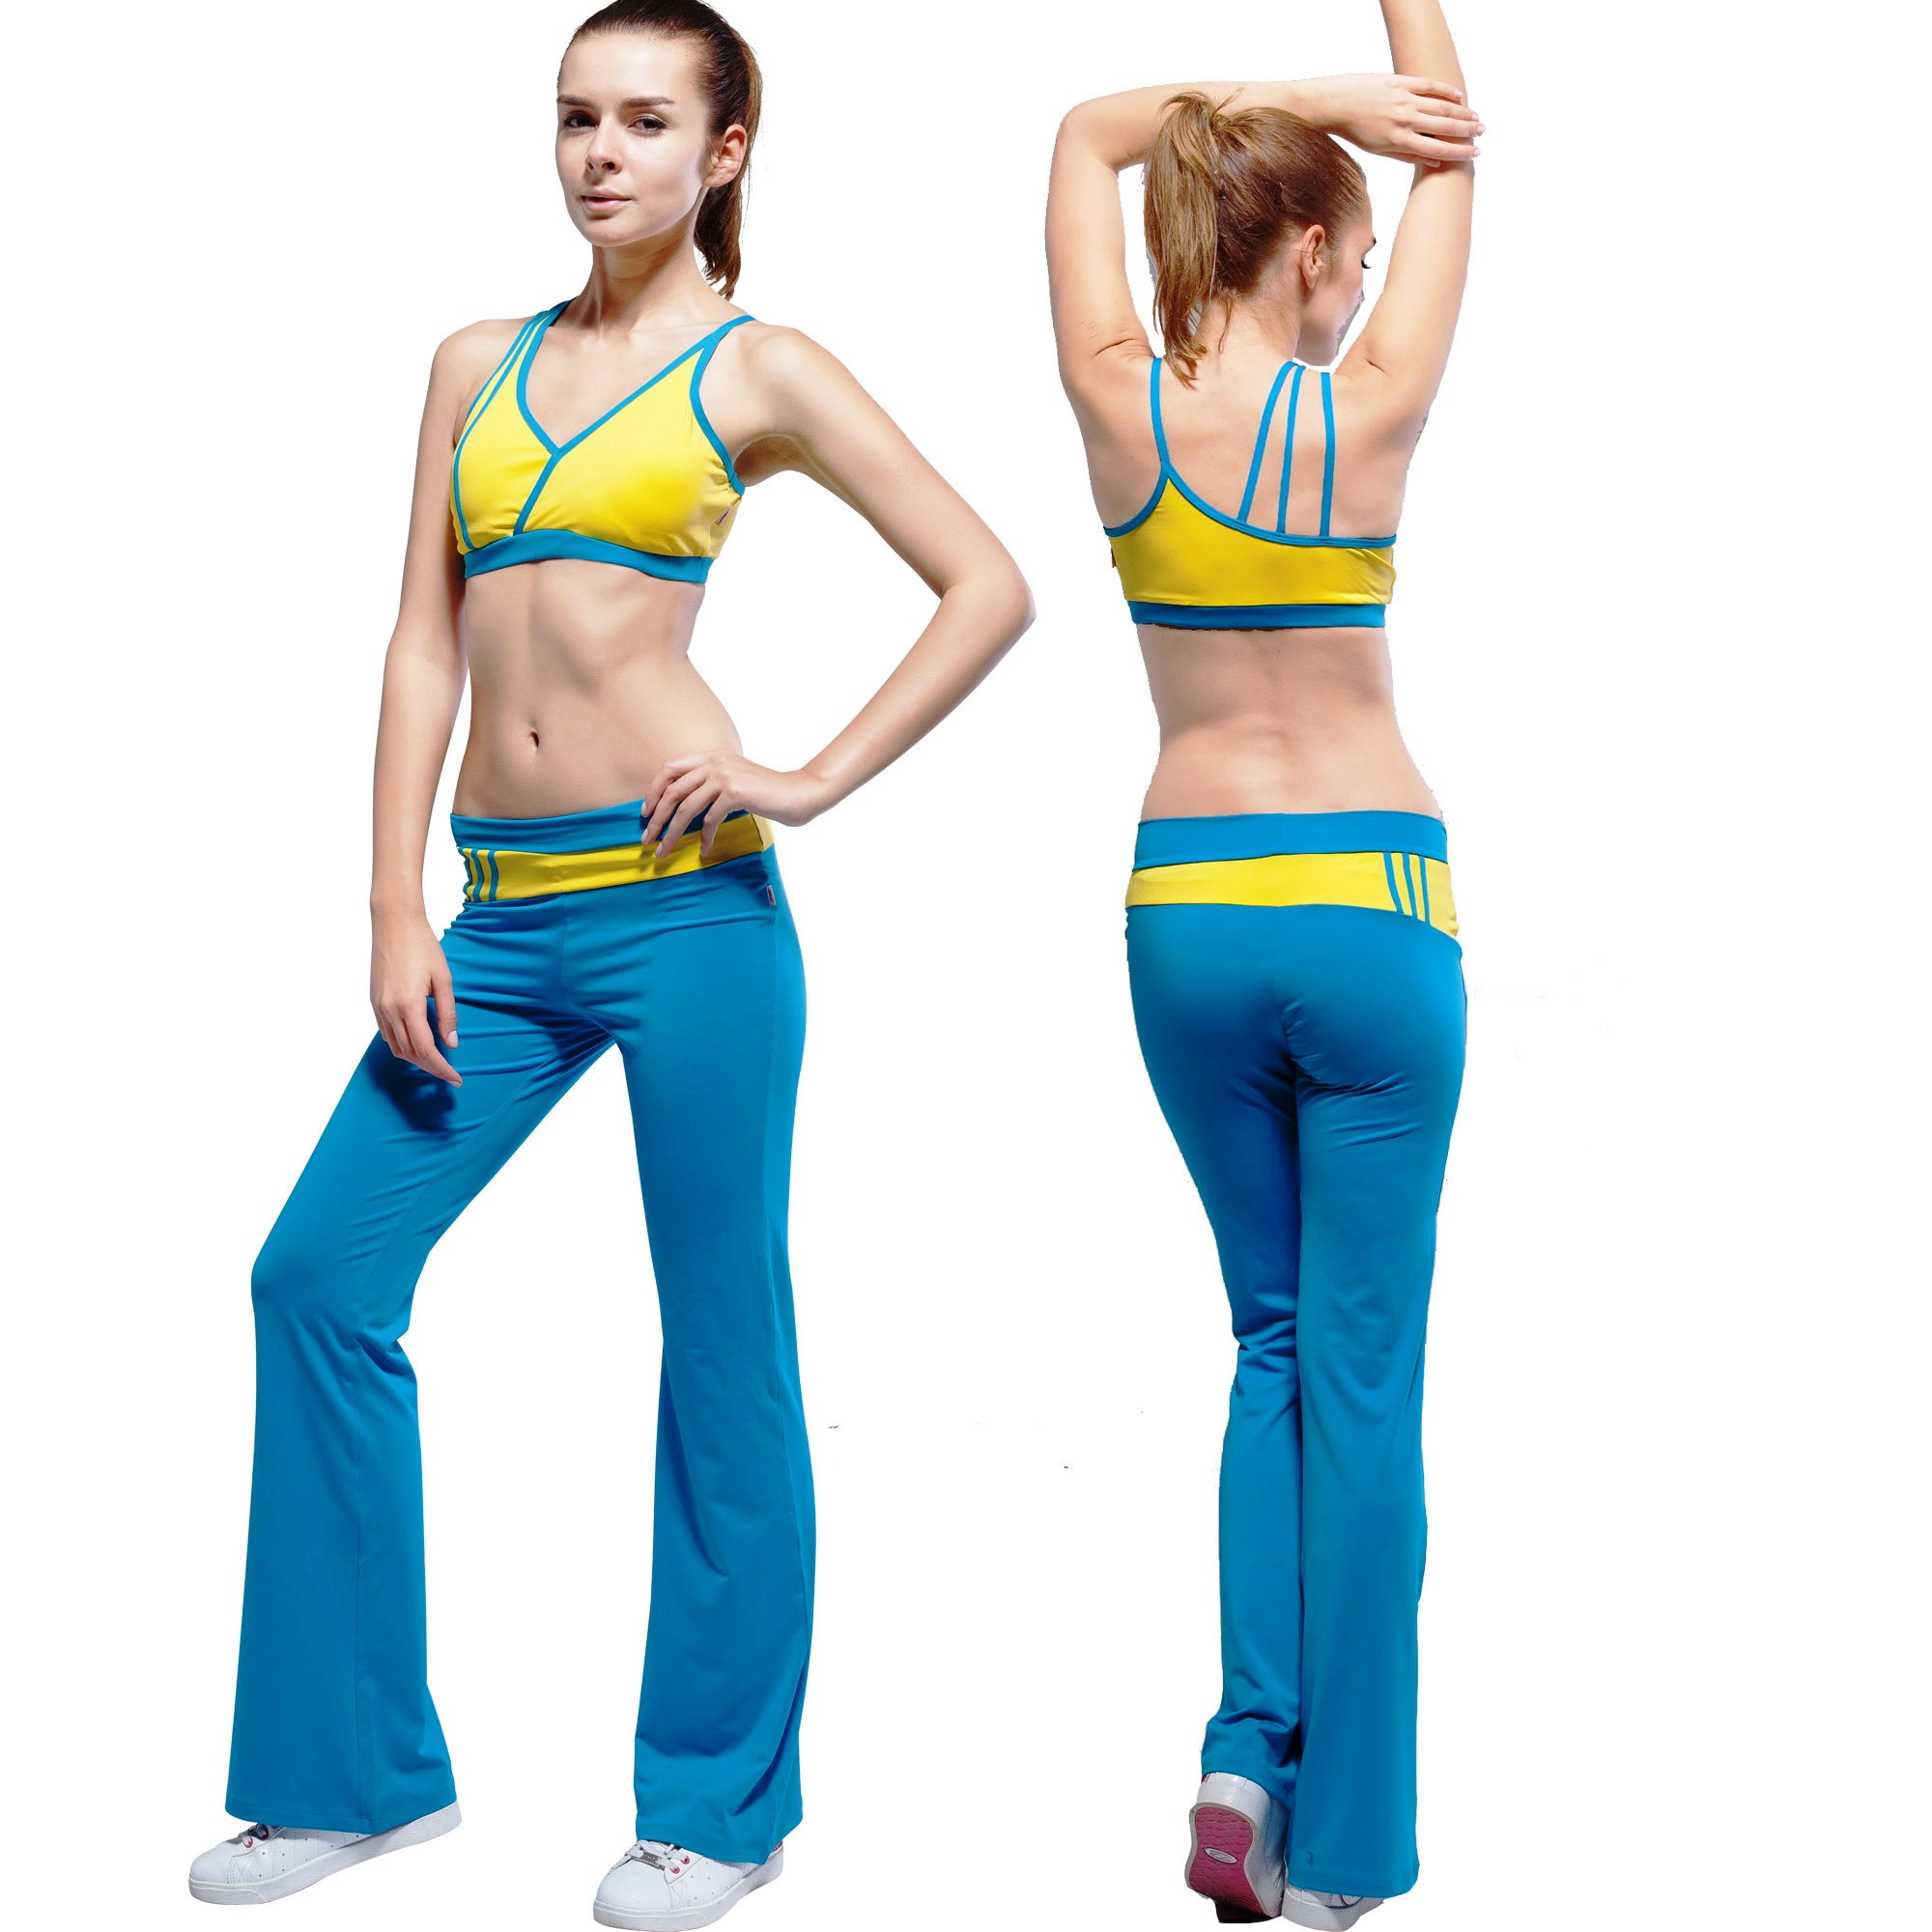 Одежда Для Спорта Женская Доставка